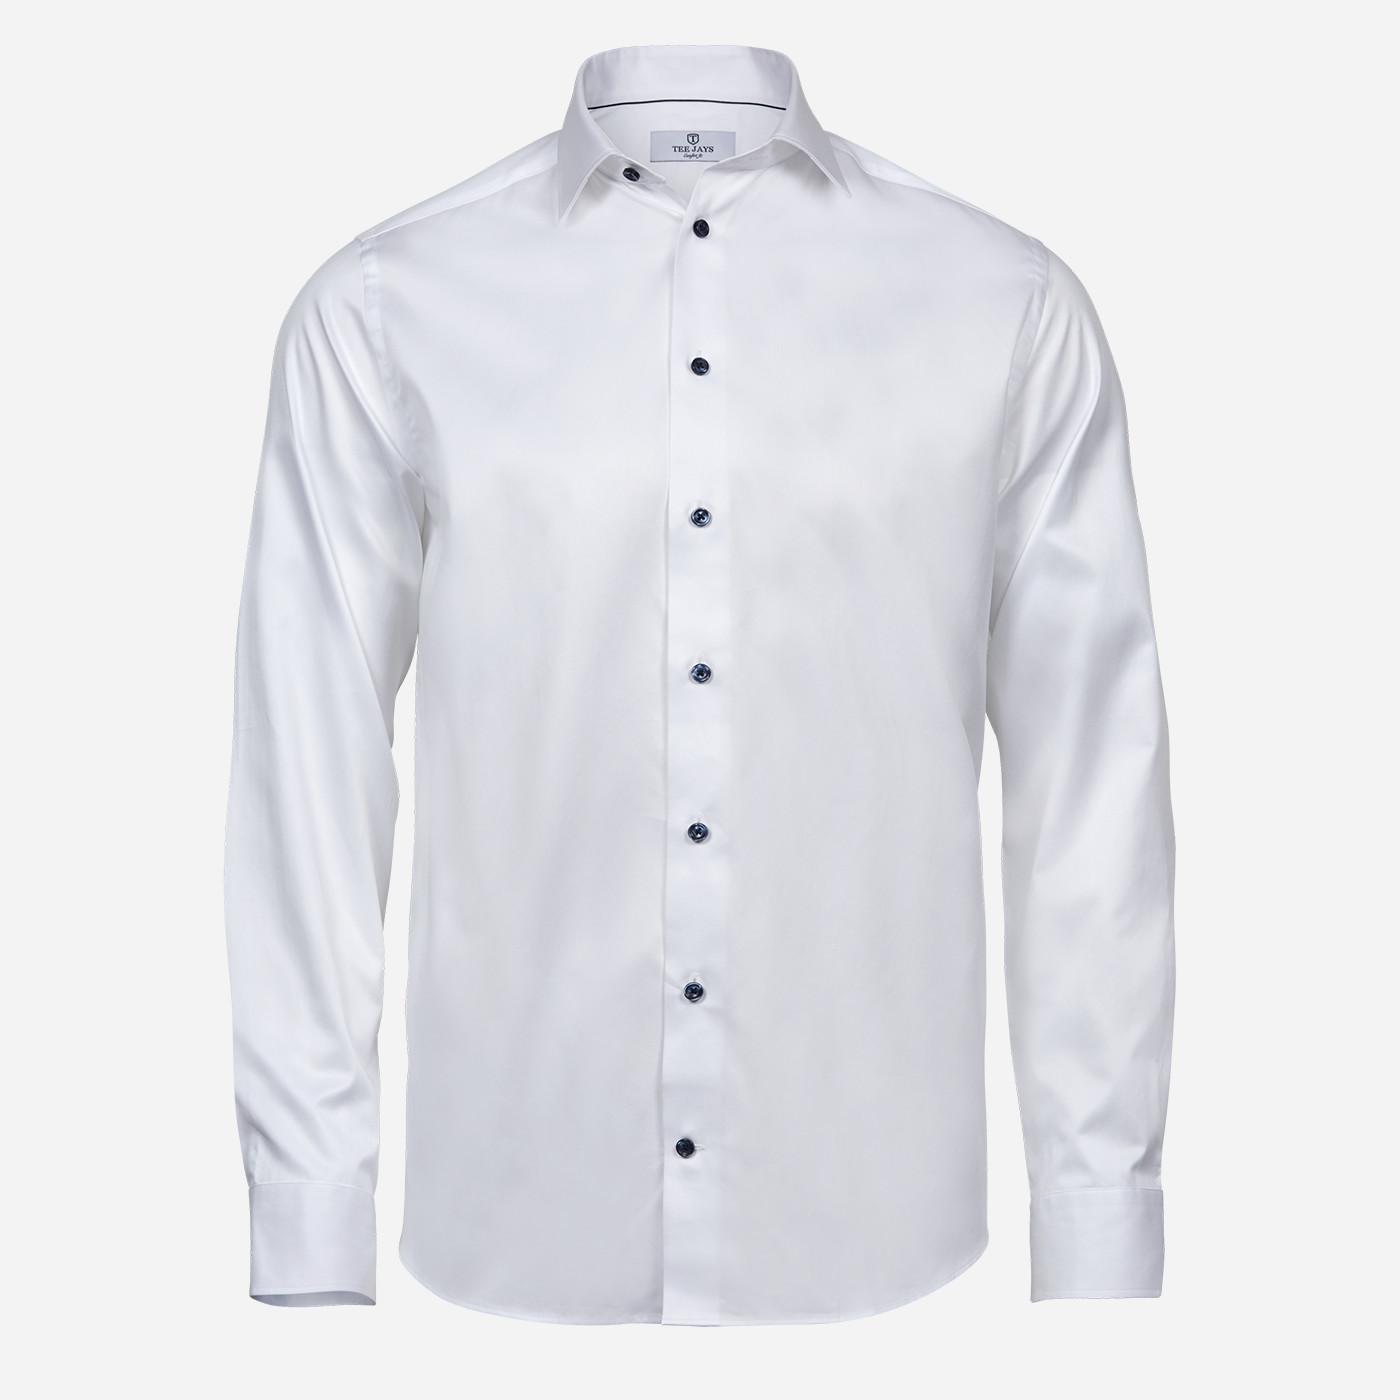 Biela košeľa Tee Jays, modré gombíky, Regular fit Veľkosť: XXL 45/46